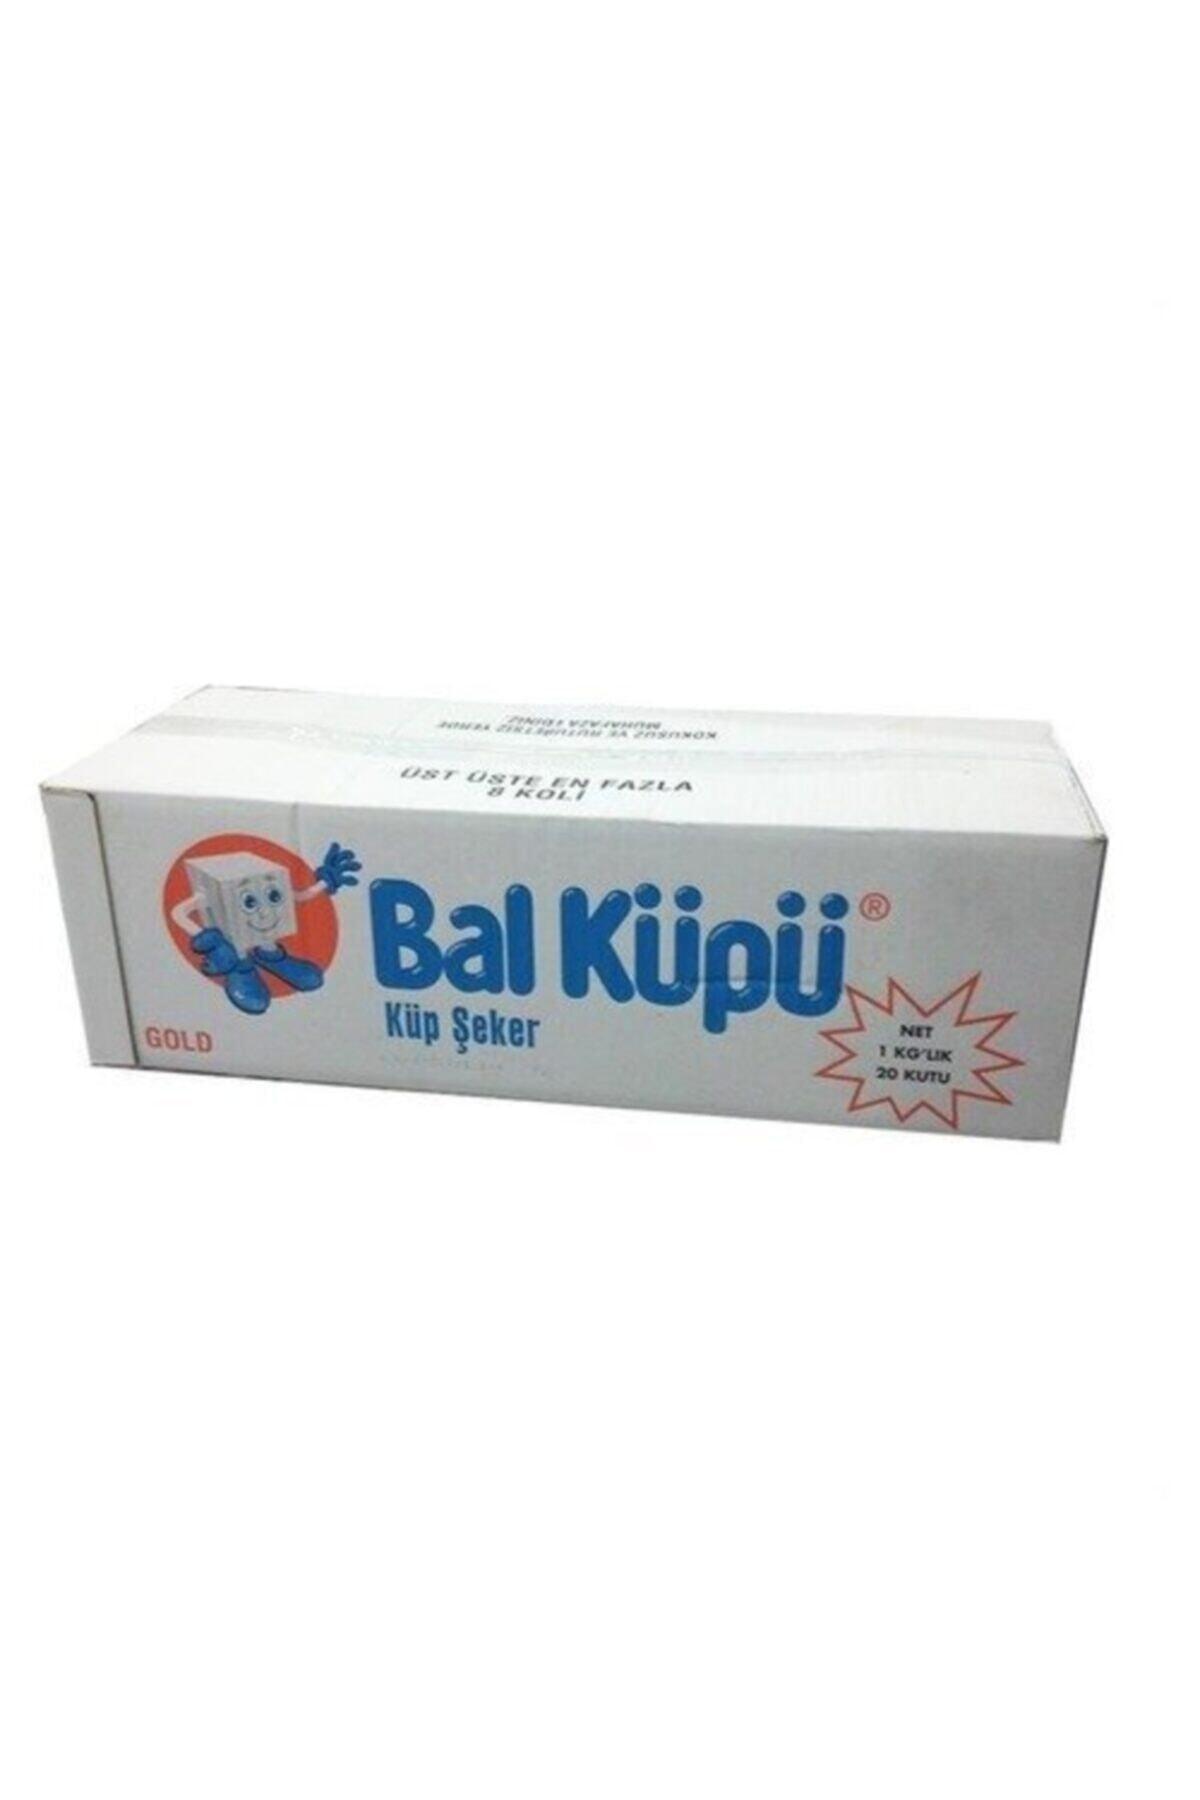 Bal Küpü Balküpü Küp Kesme Şeker 1 Kg 20 Adet 2